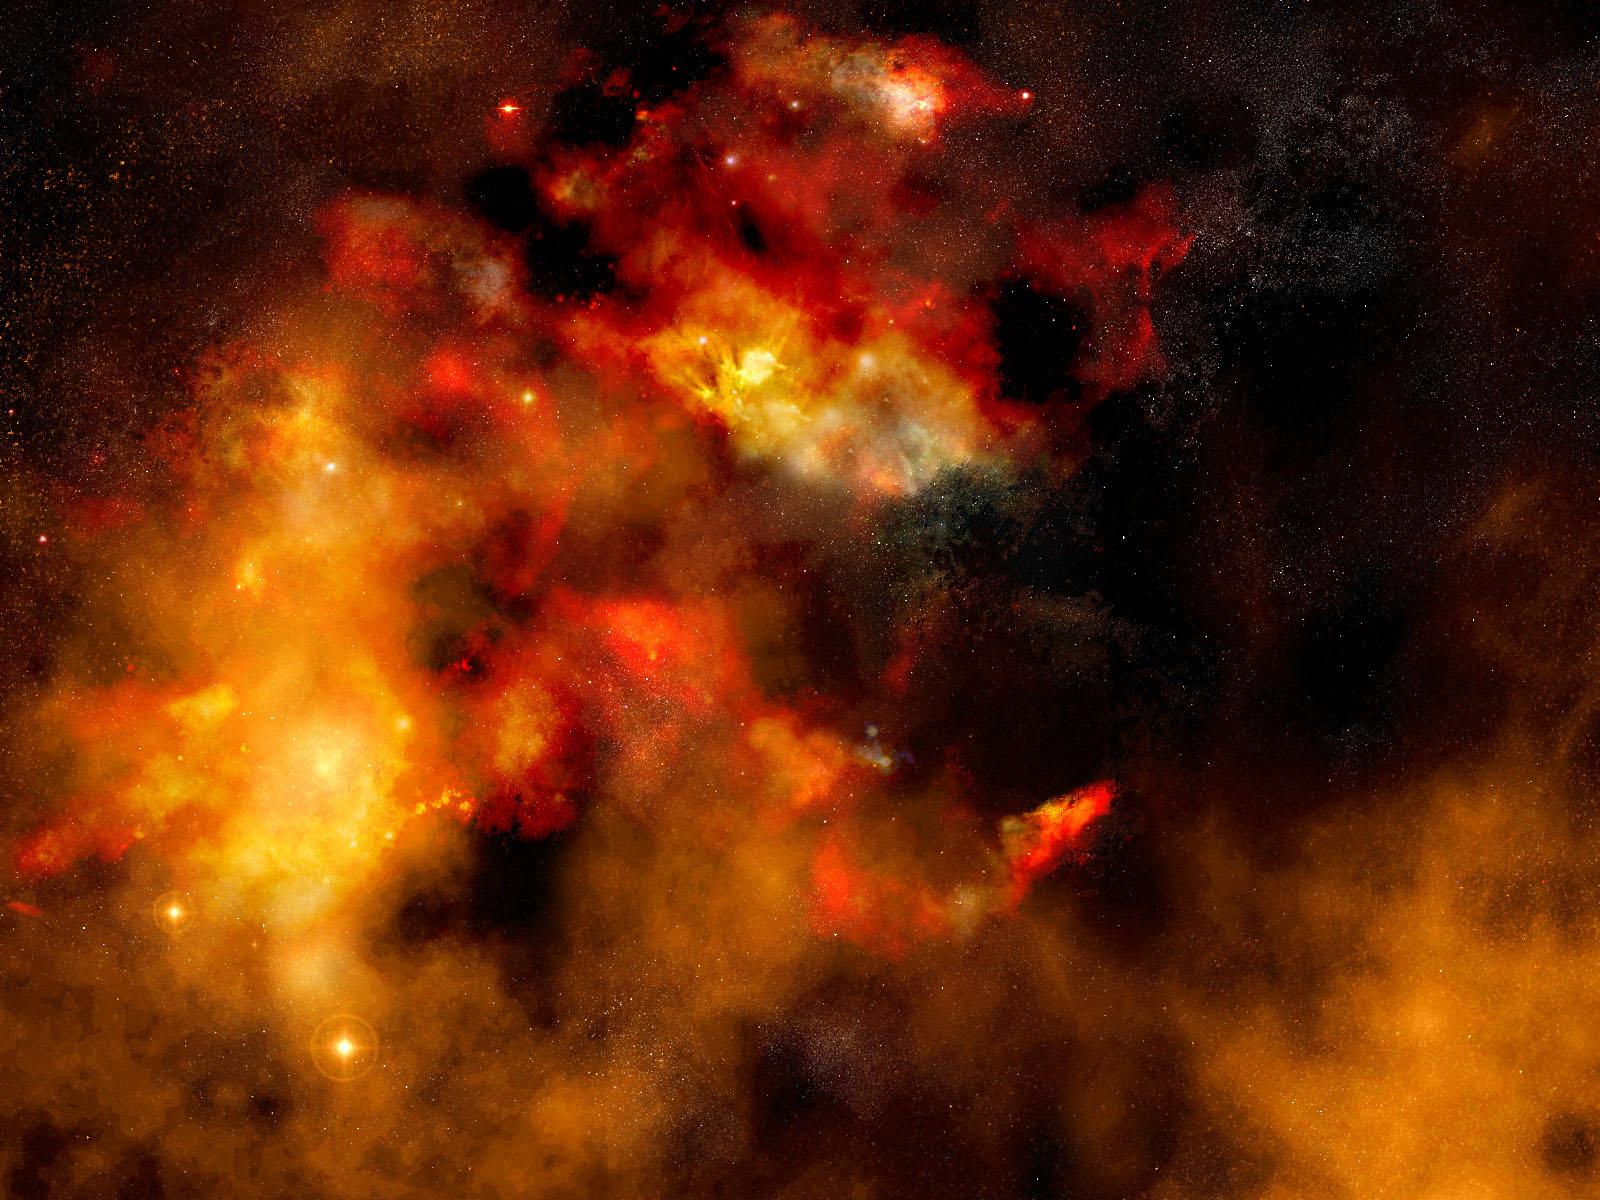 http://2.bp.blogspot.com/_KbFgAj1EJUs/R7jGK4EEMGI/AAAAAAAAAvs/9P7LDbr824U/s1600/Space%2BArt%2BWallpapers%2B15.jpg